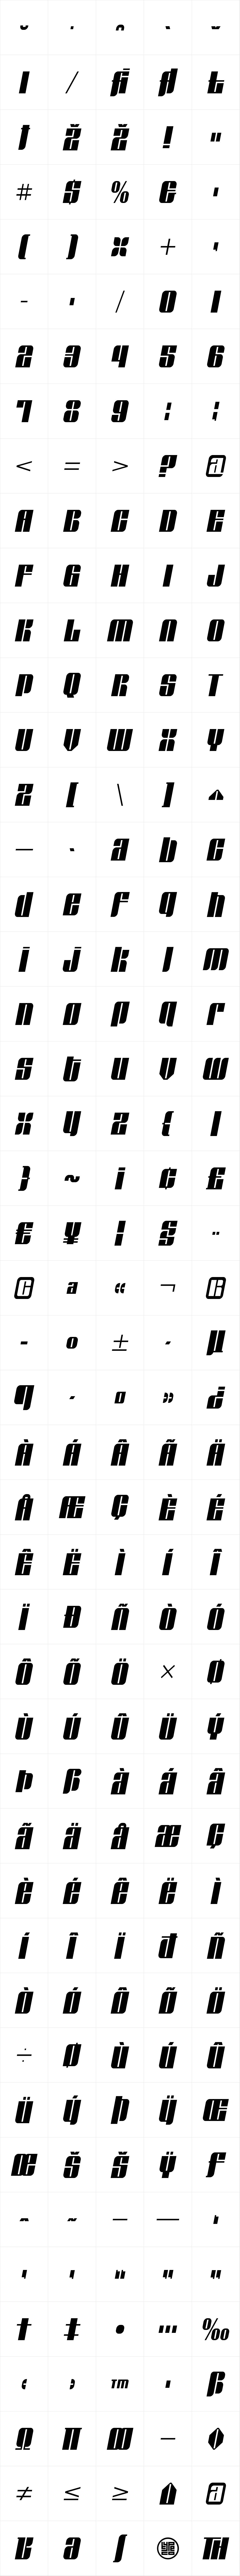 Glyphic Neue Narrow Italic